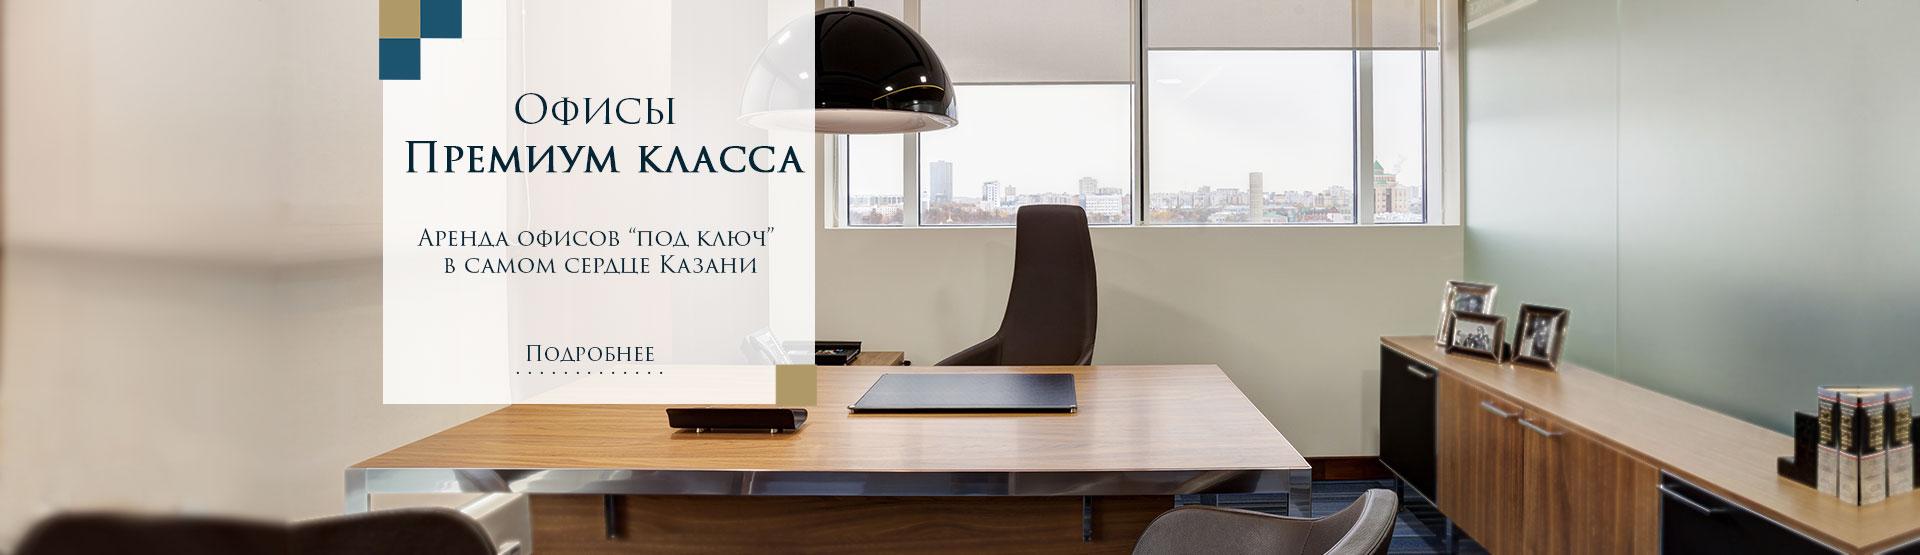 Аренда офисов в центре казань снять в аренду офис Кухмистерова улица